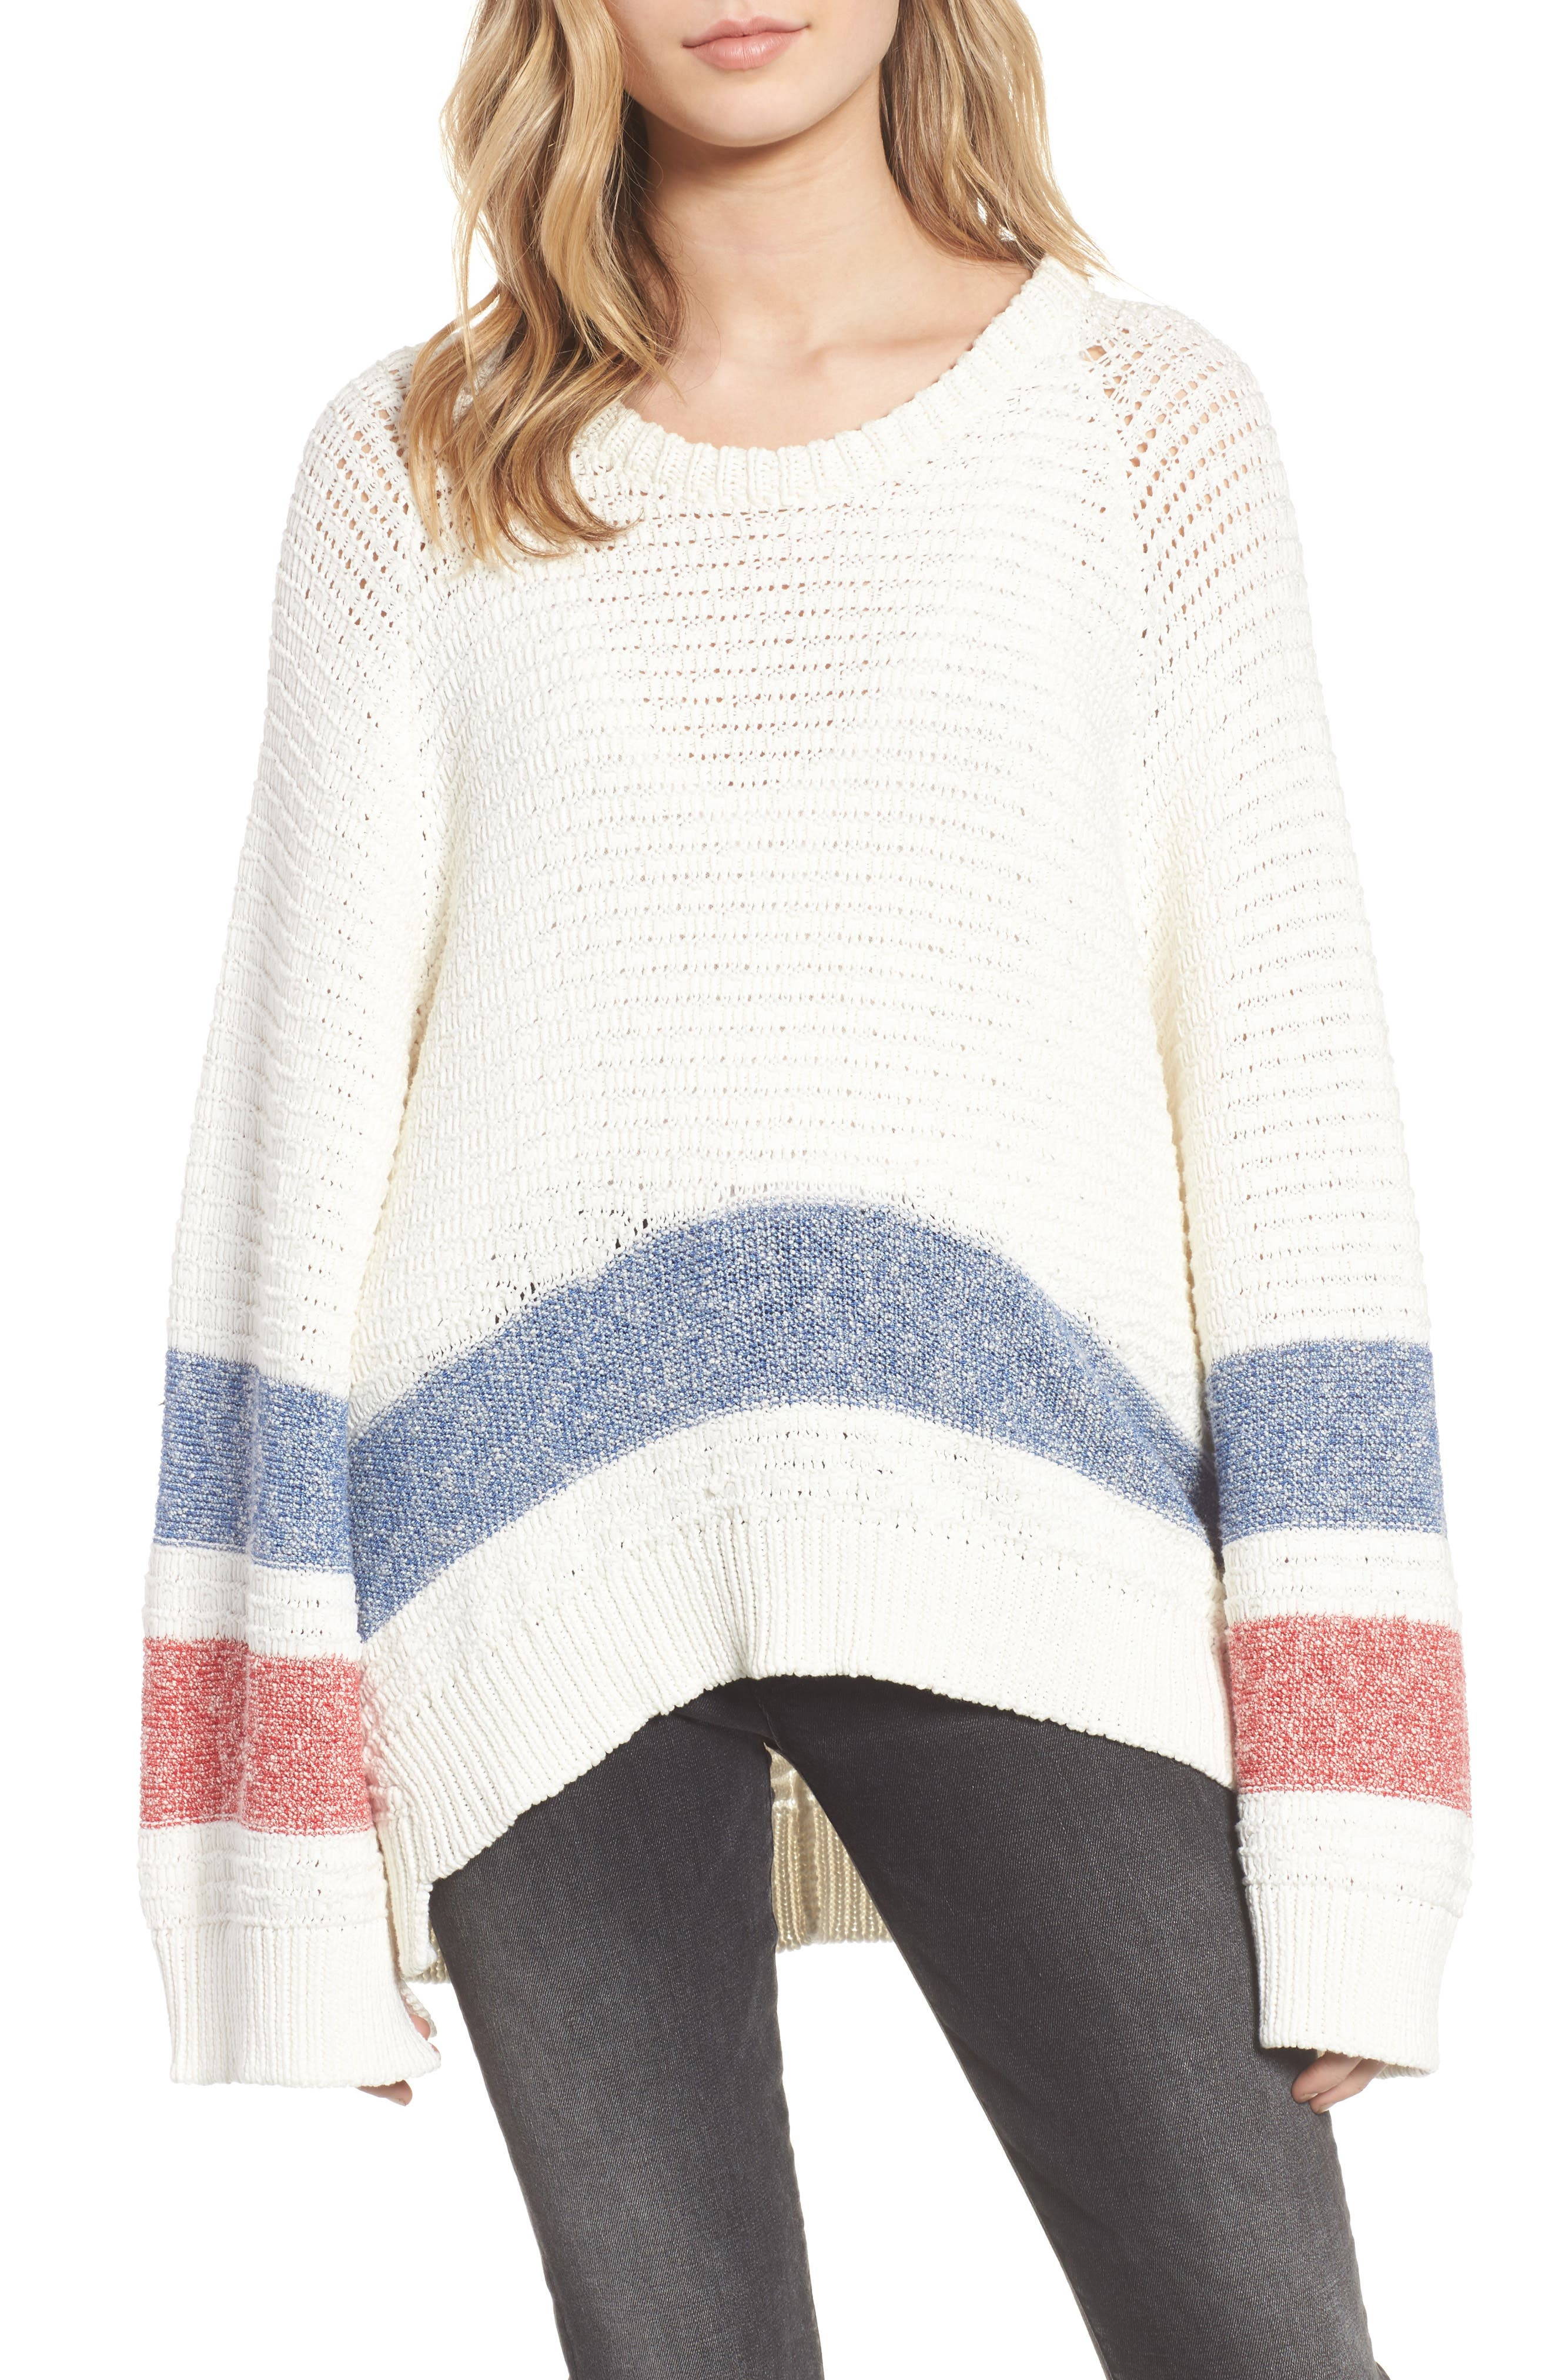 Zadig & Voltaire Bea Sweater